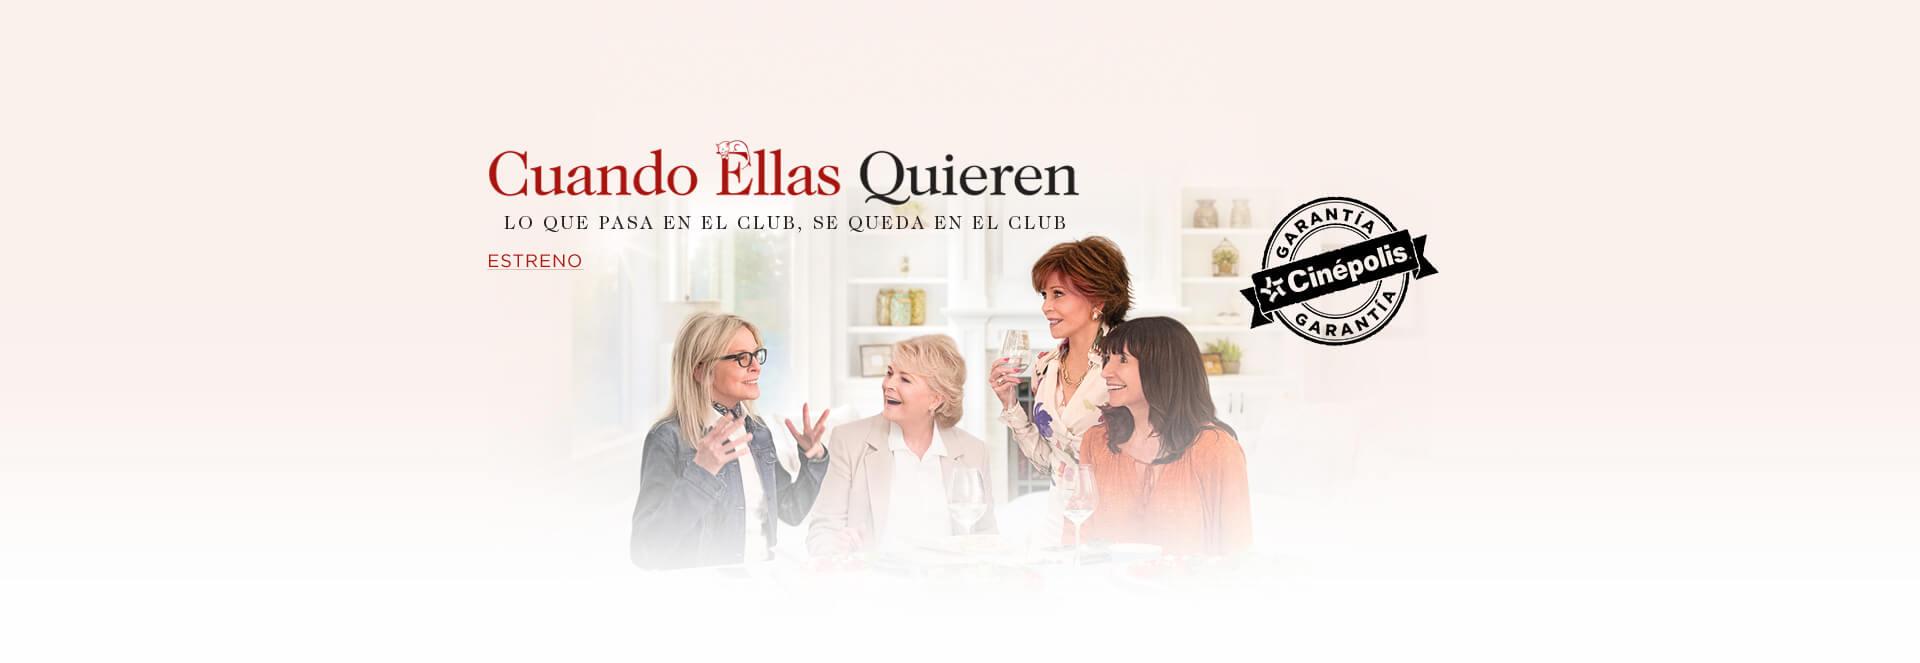 Banner Cuando Ellas Quieren | Garantía Cinépolis